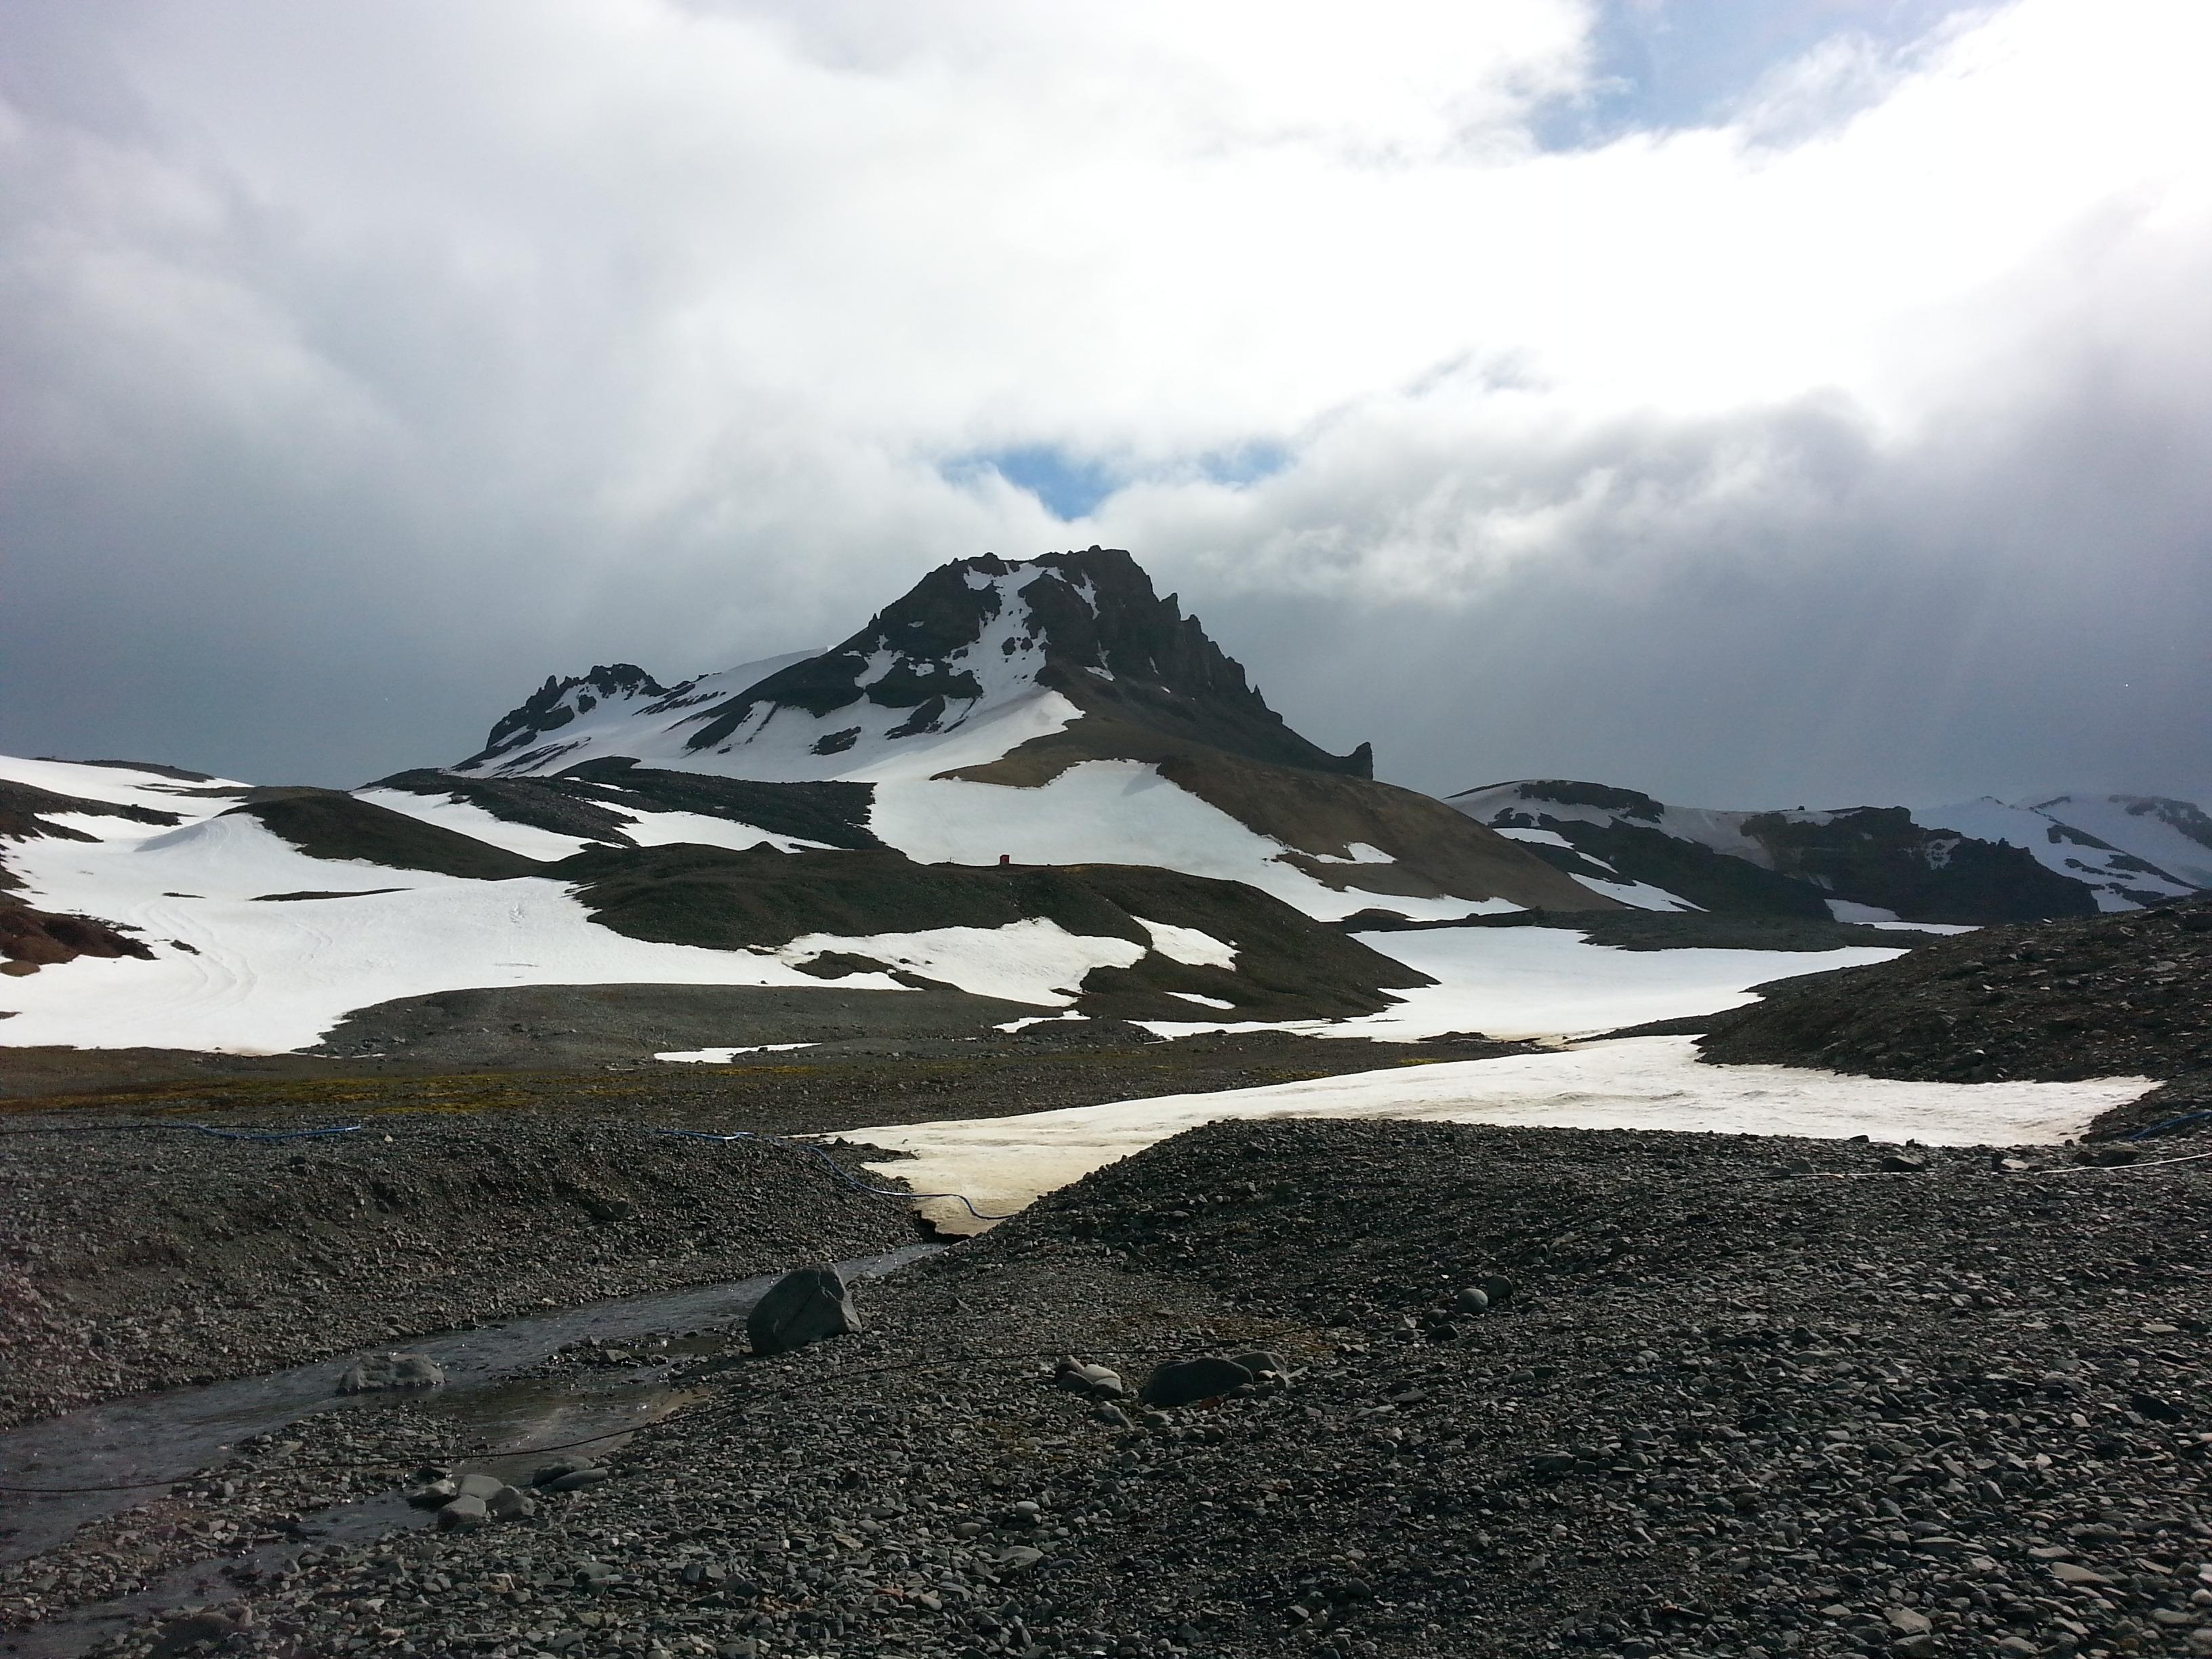 Paisagem antártica. Foto Dionei Santos.